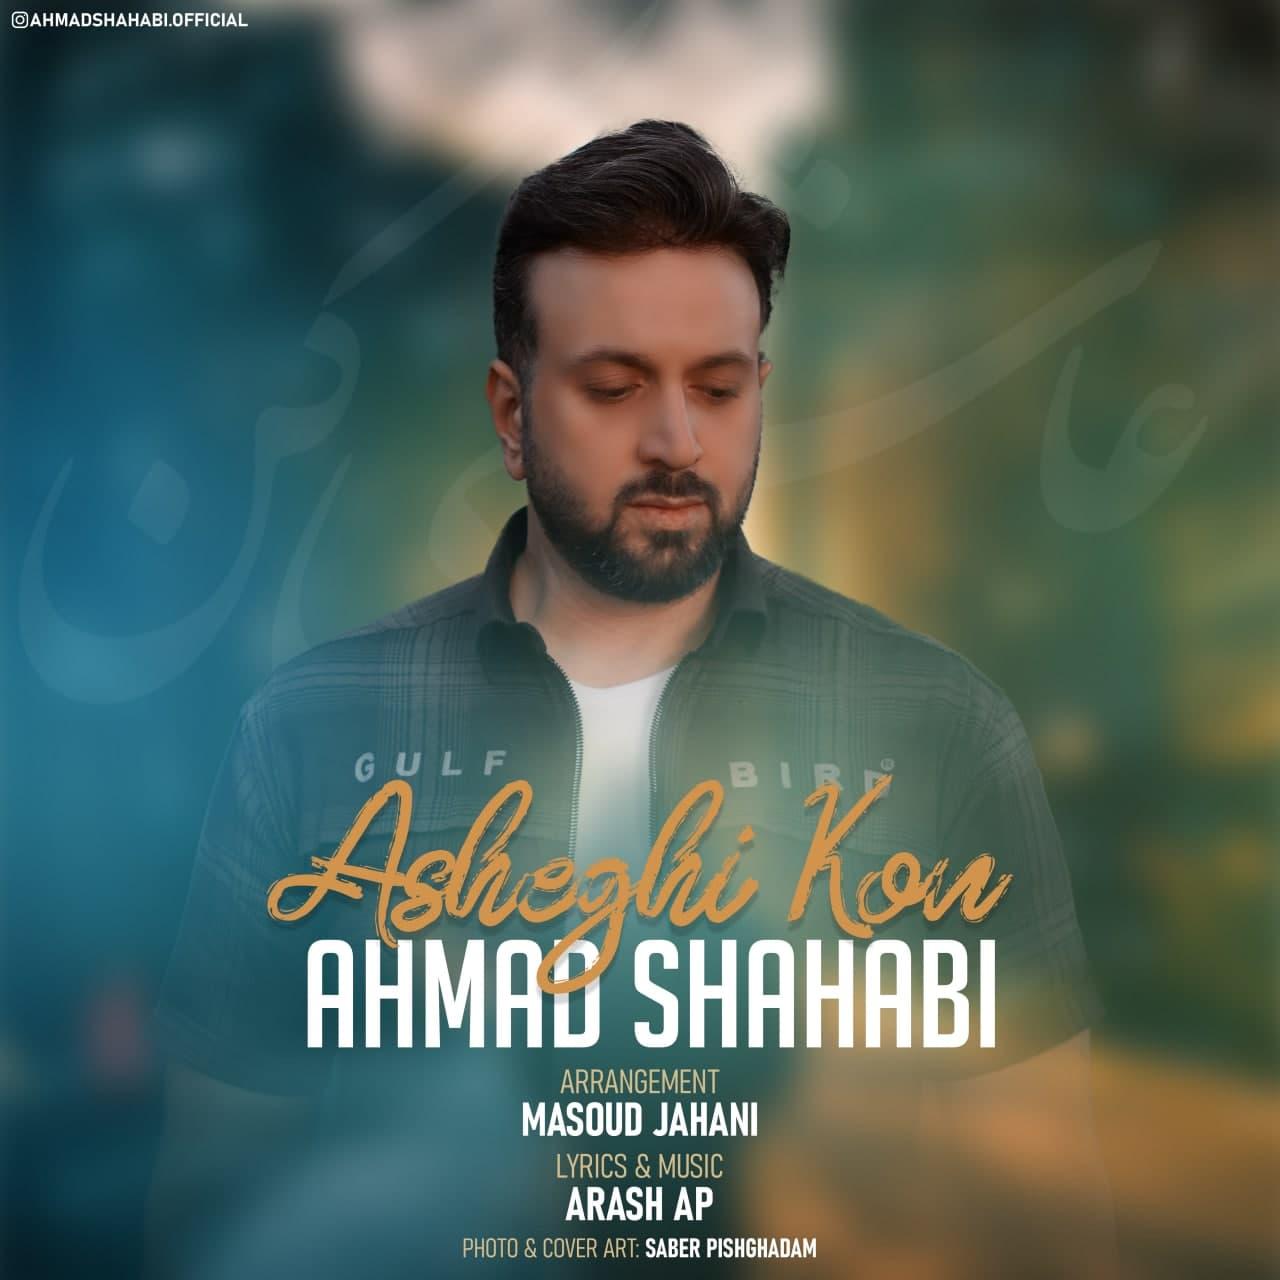 دانلود آهنگ جدید احمد شهابی عاشقی کن